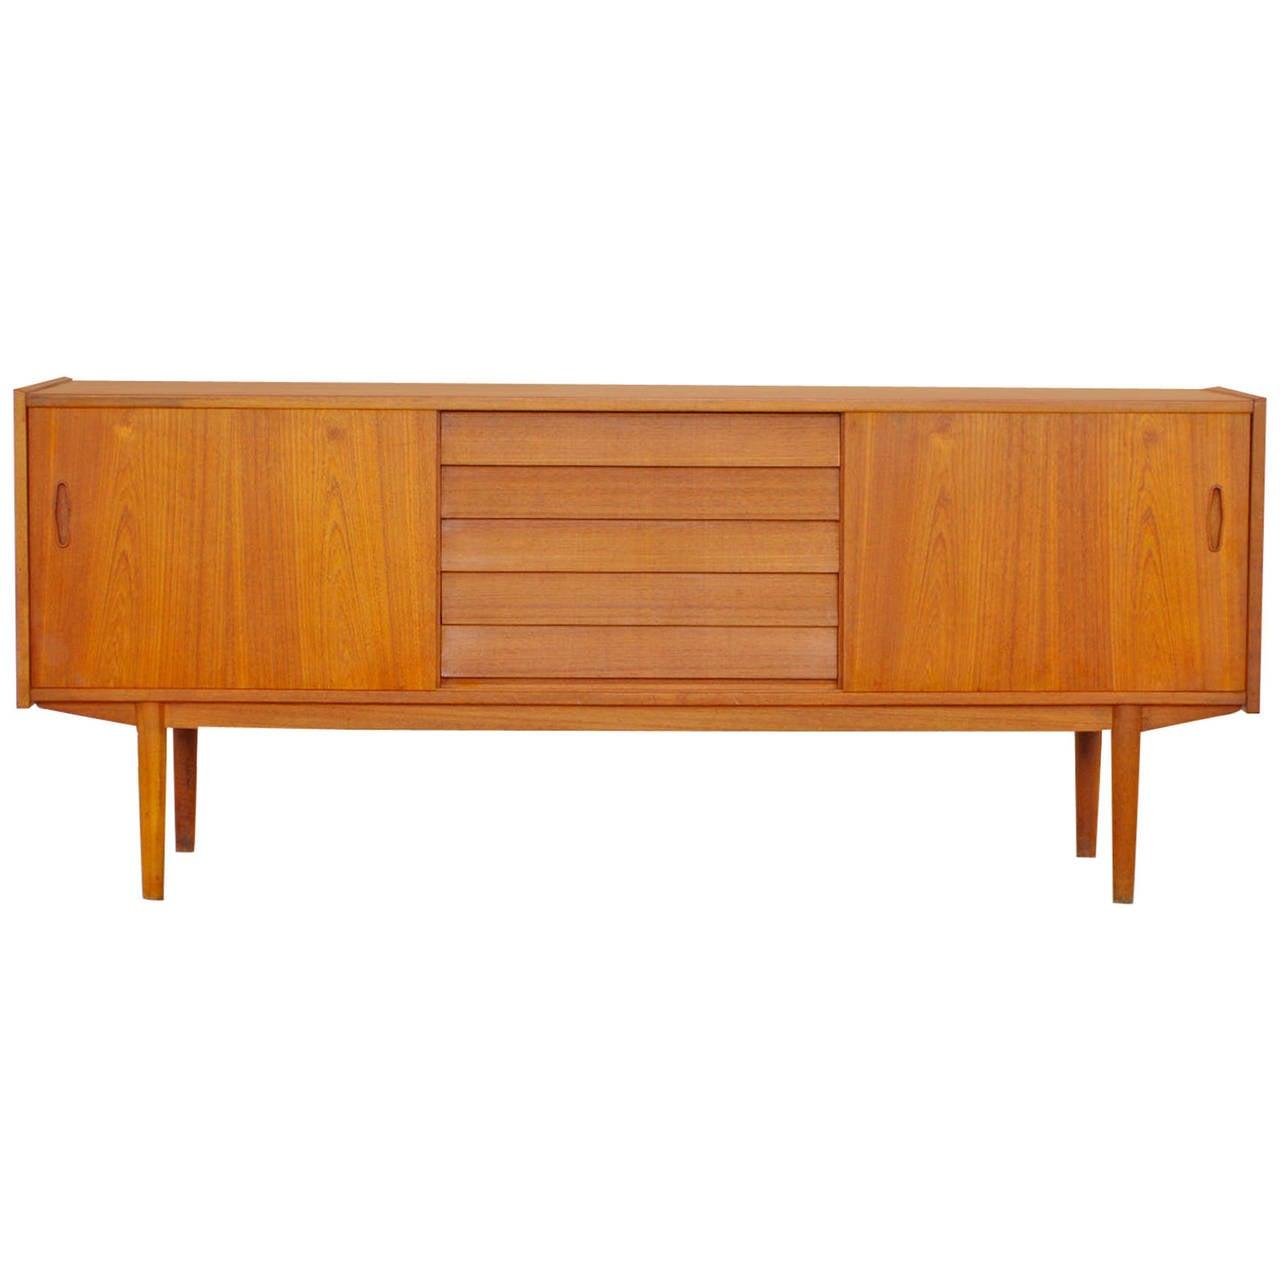 Teak sideboard by nils jonsson for troeds sweden 60s for 60s furniture design